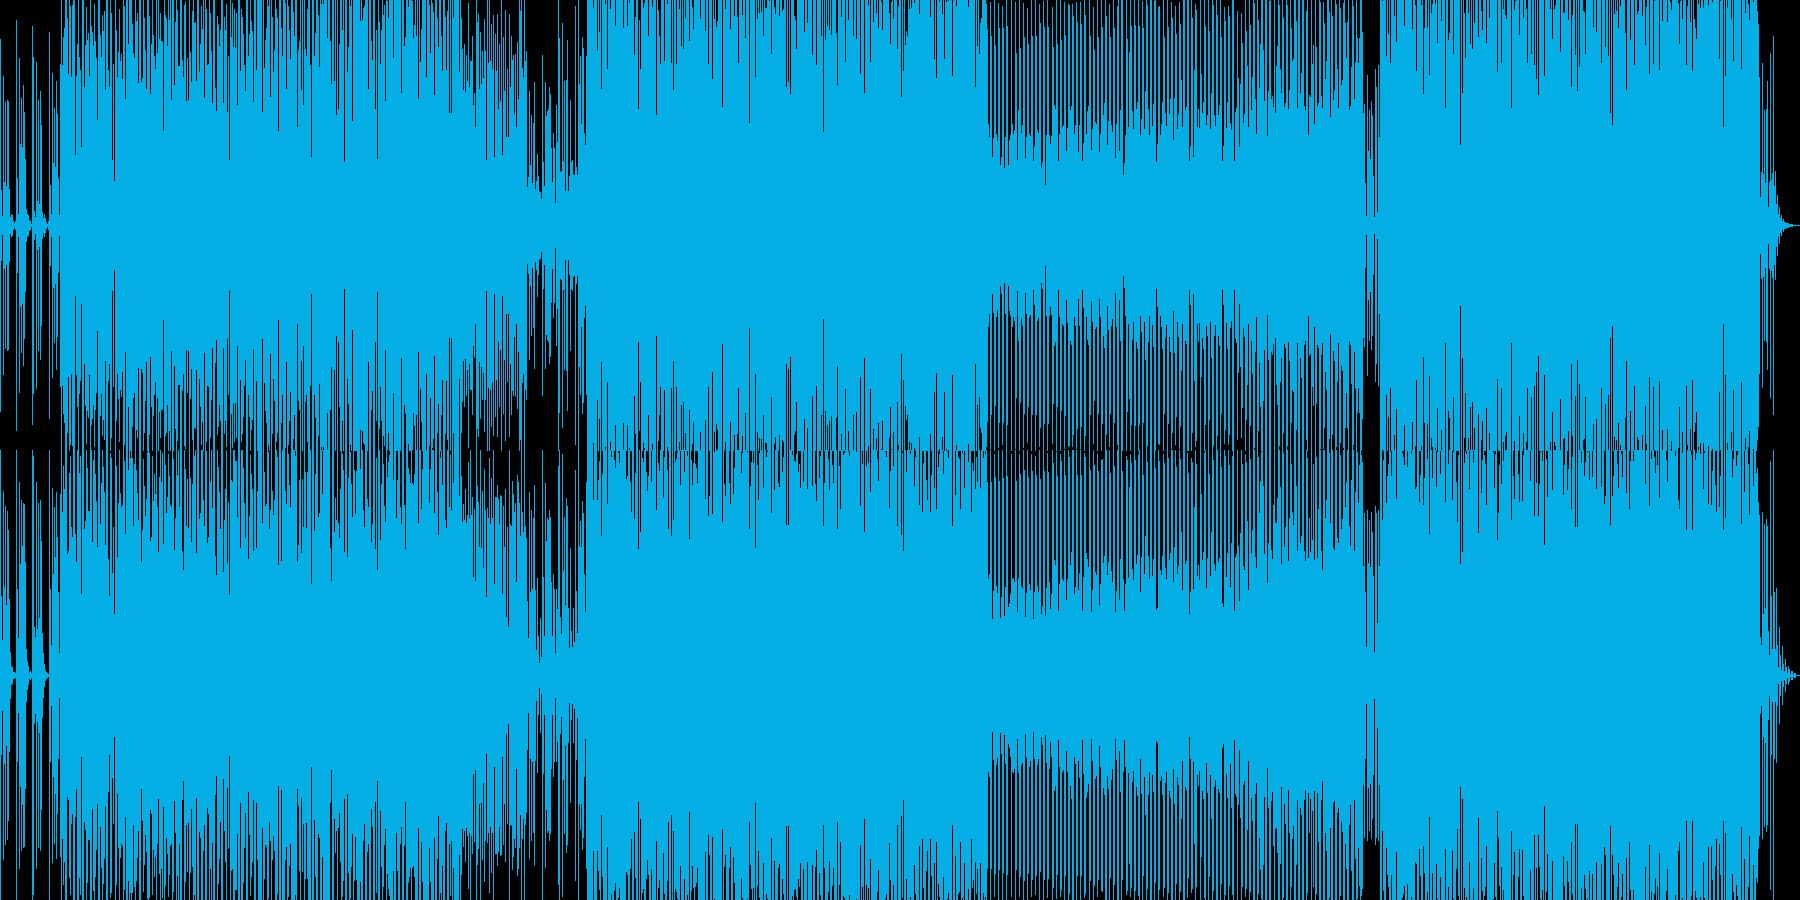 機械的でロボットをイメージさせるサウンドの再生済みの波形